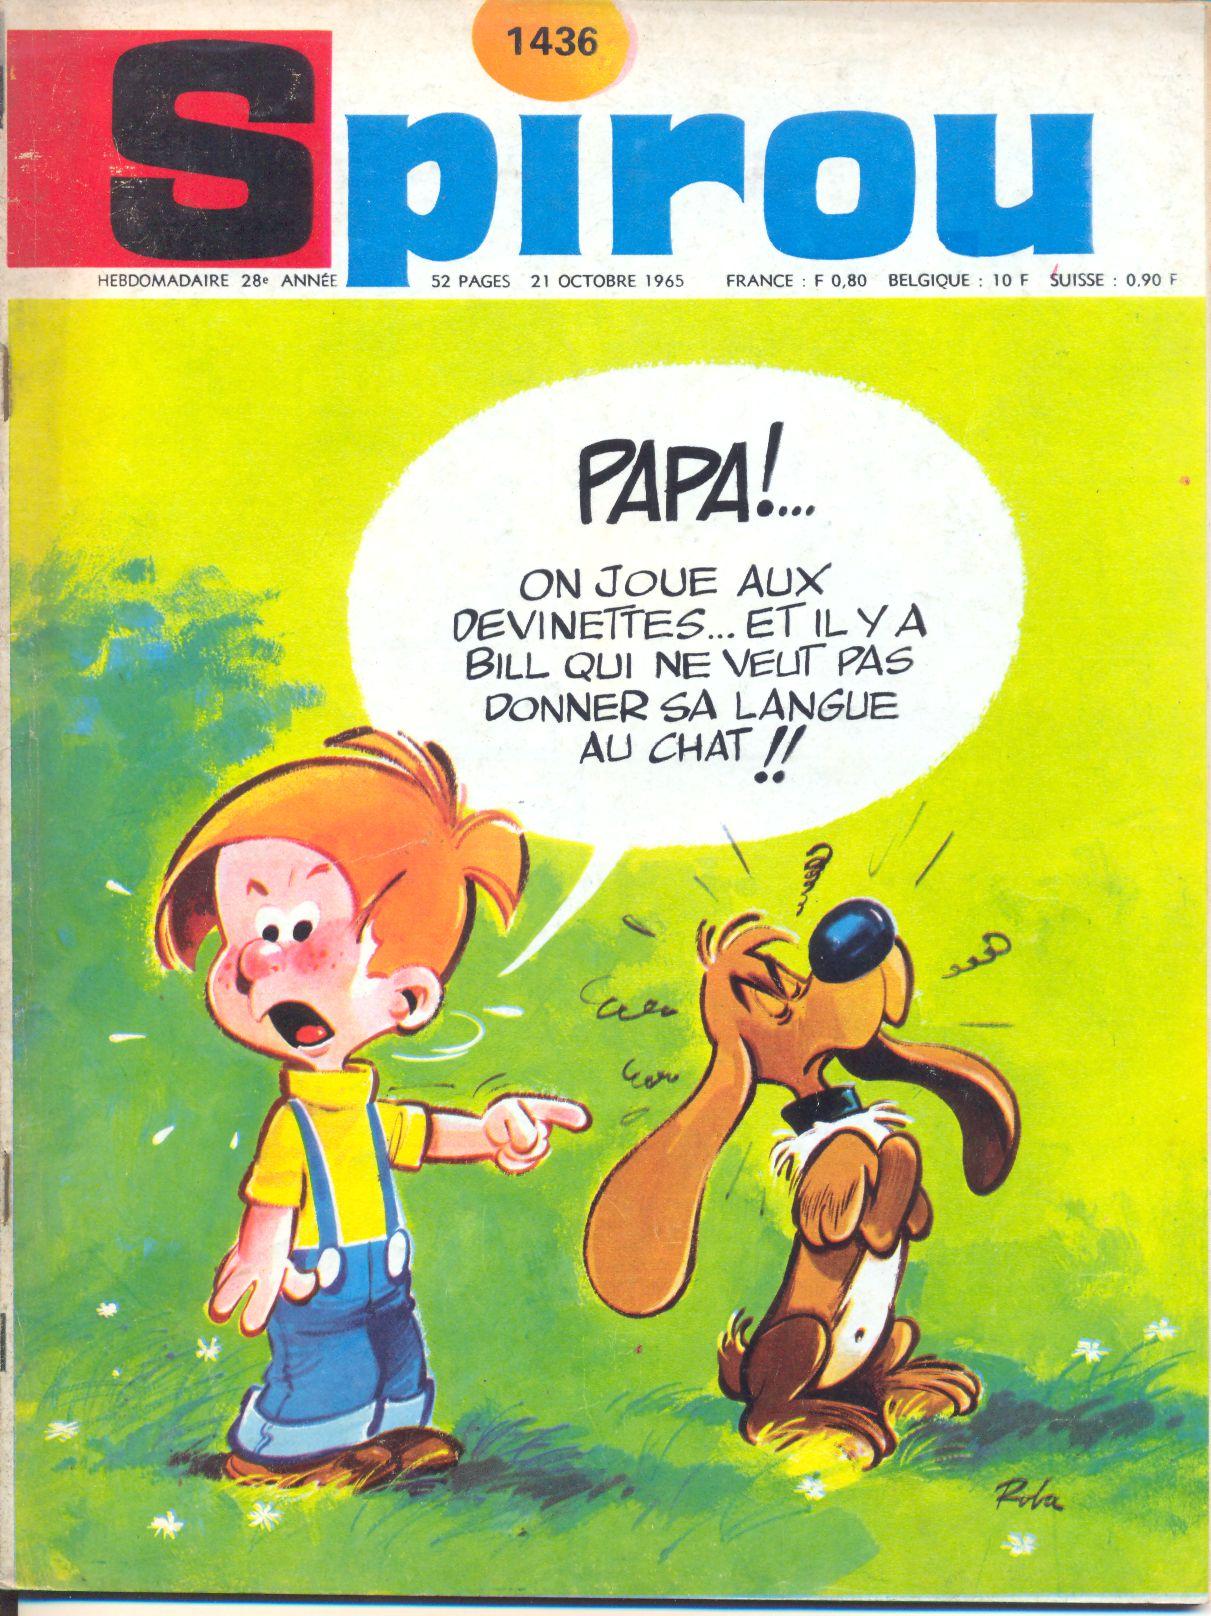 Le journal de Spirou 1436